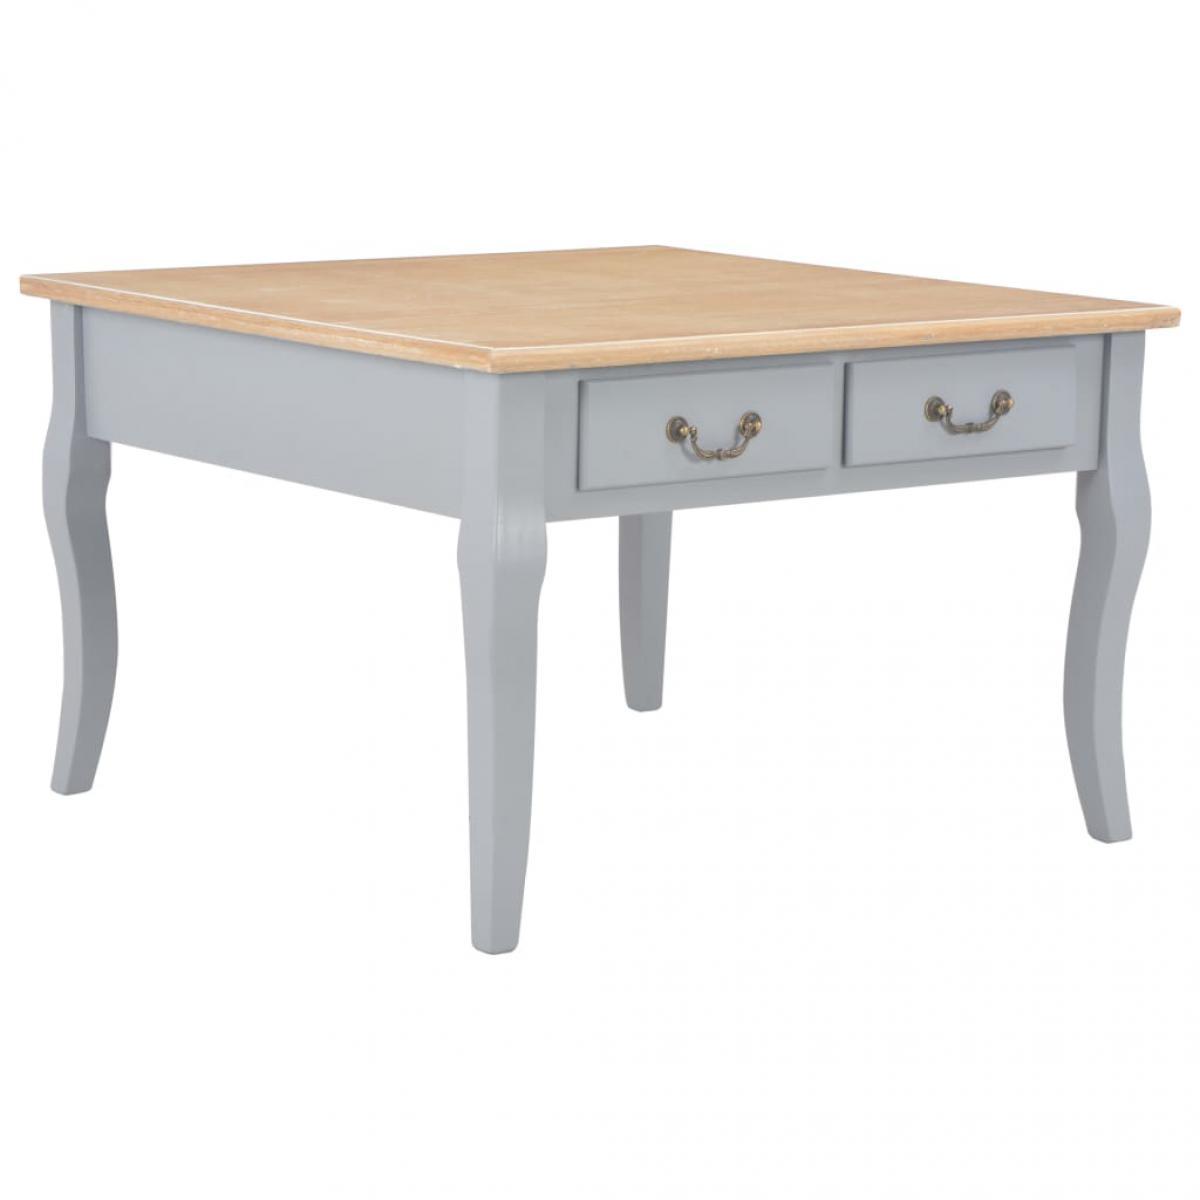 Chunhelife Table basse Gris 80 x 80 x 50 cm Bois